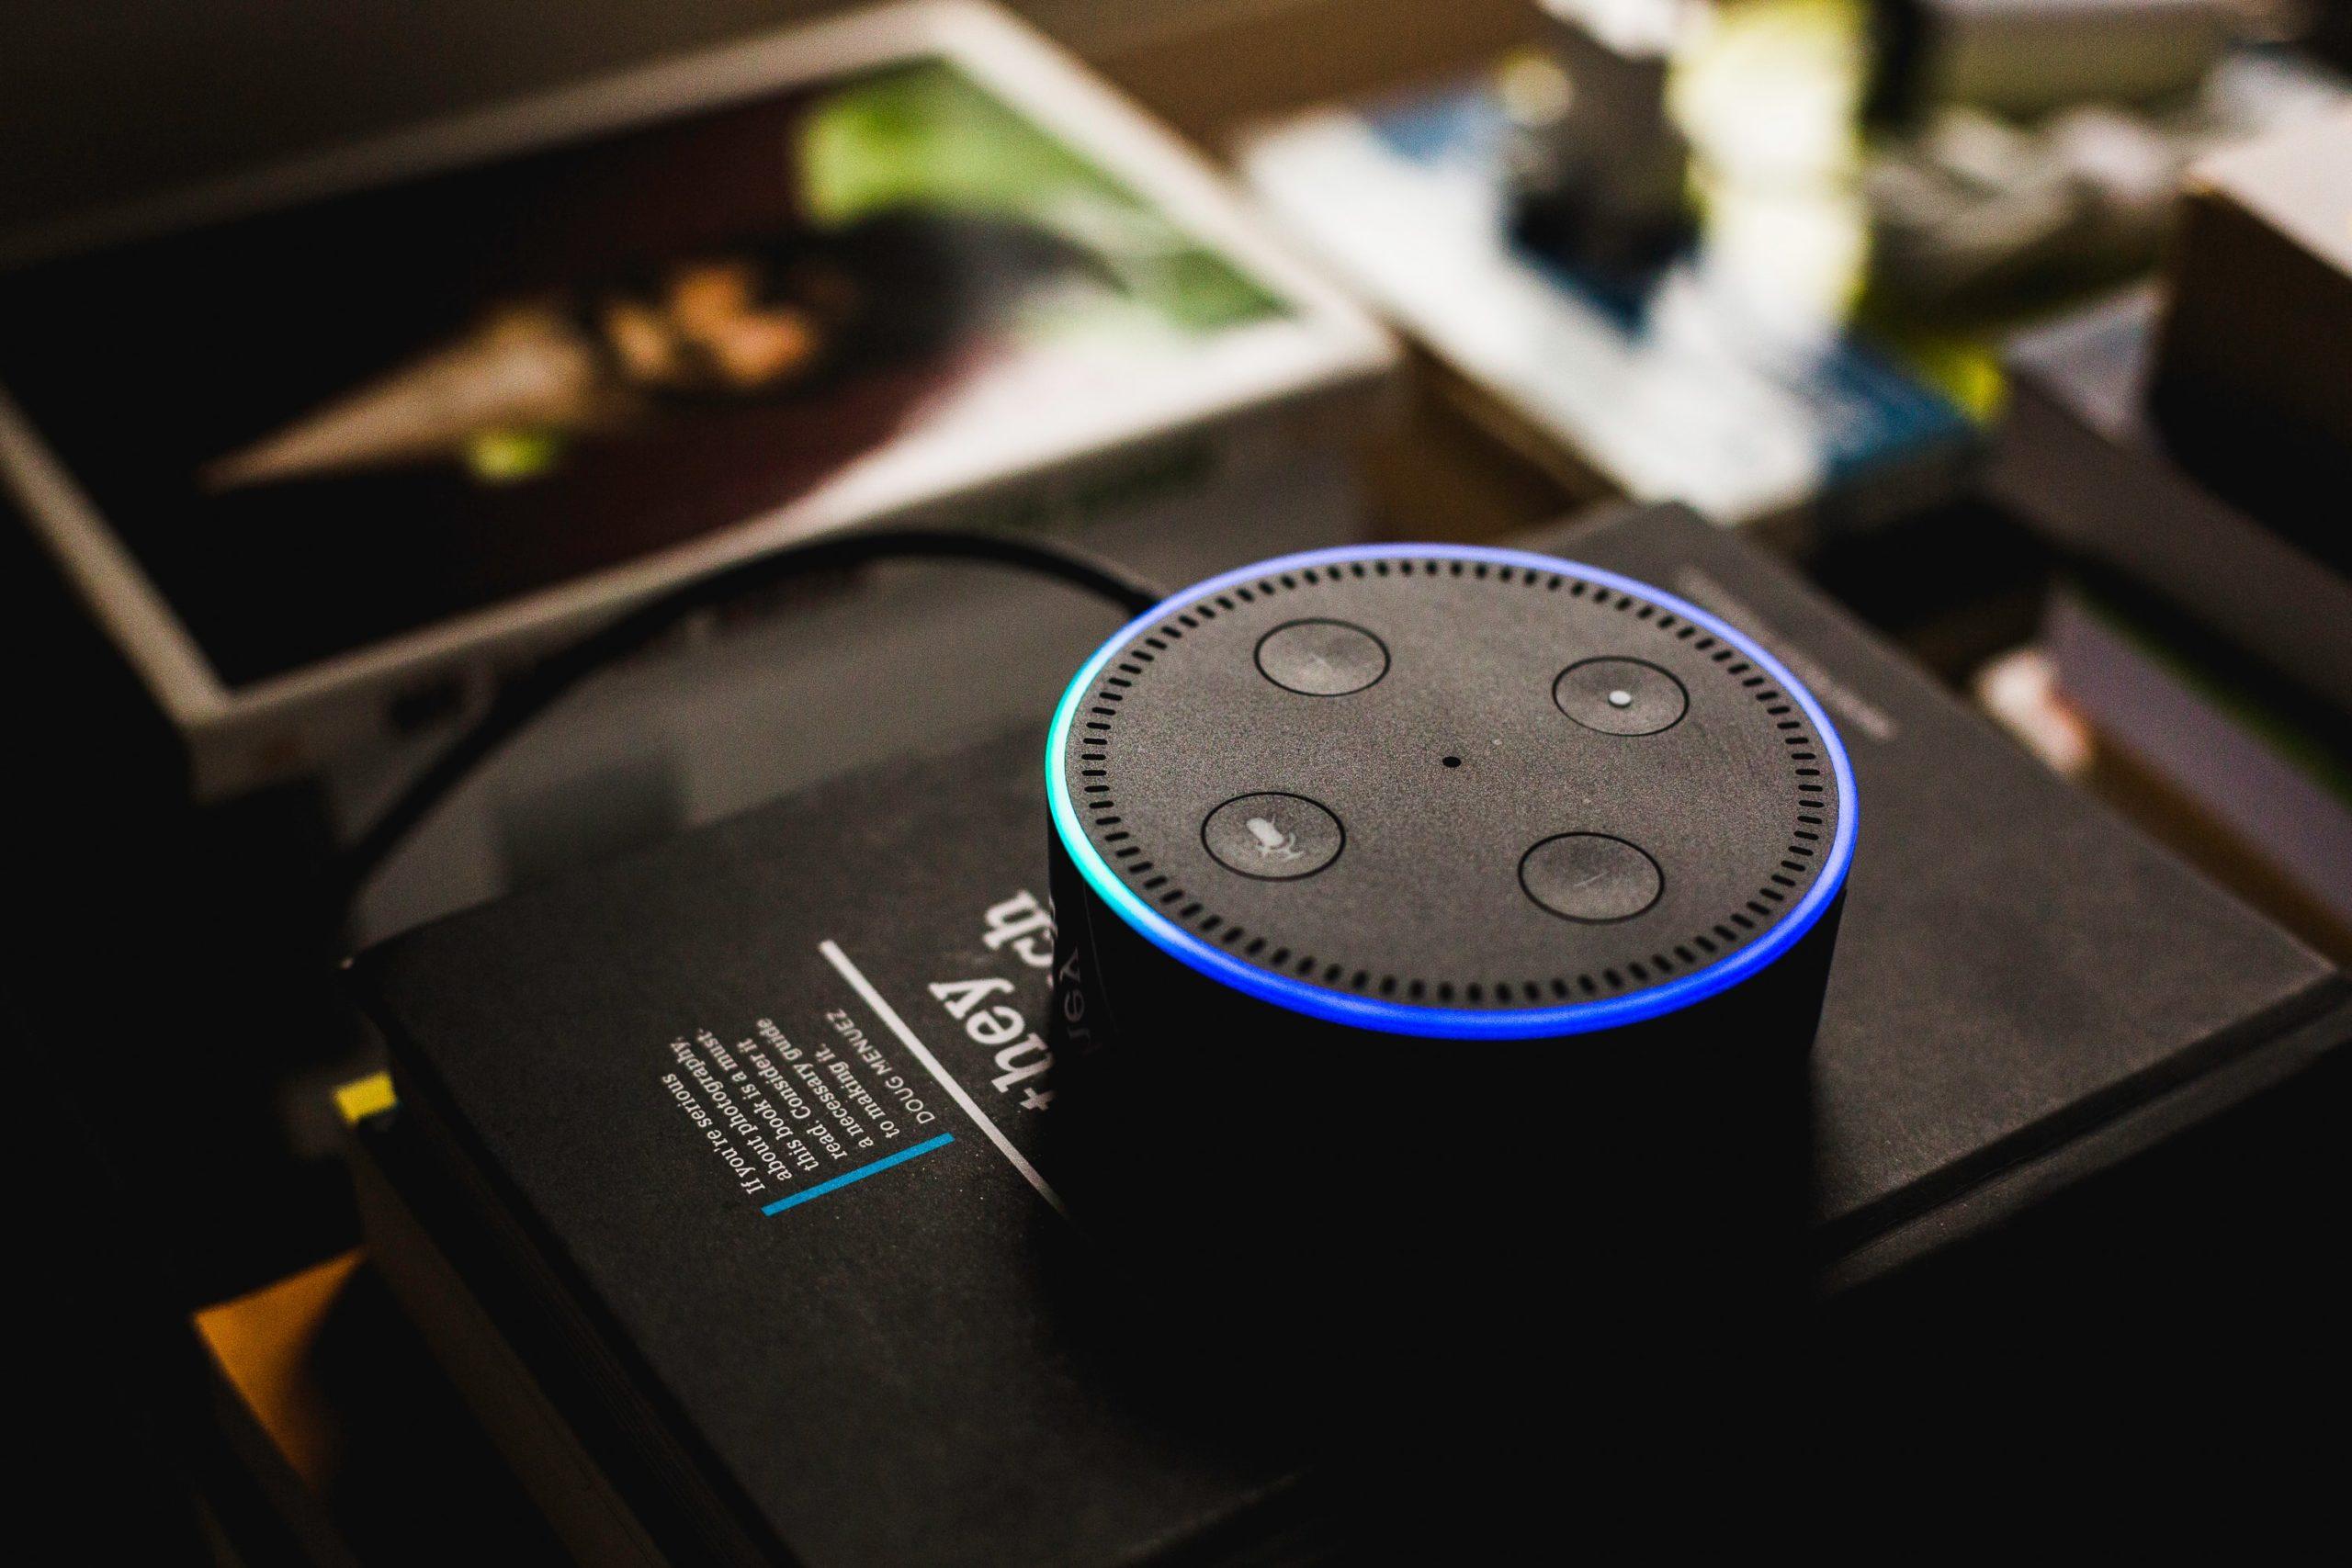 AlexaのスマートホームでNature Remoが使えるようになってる!